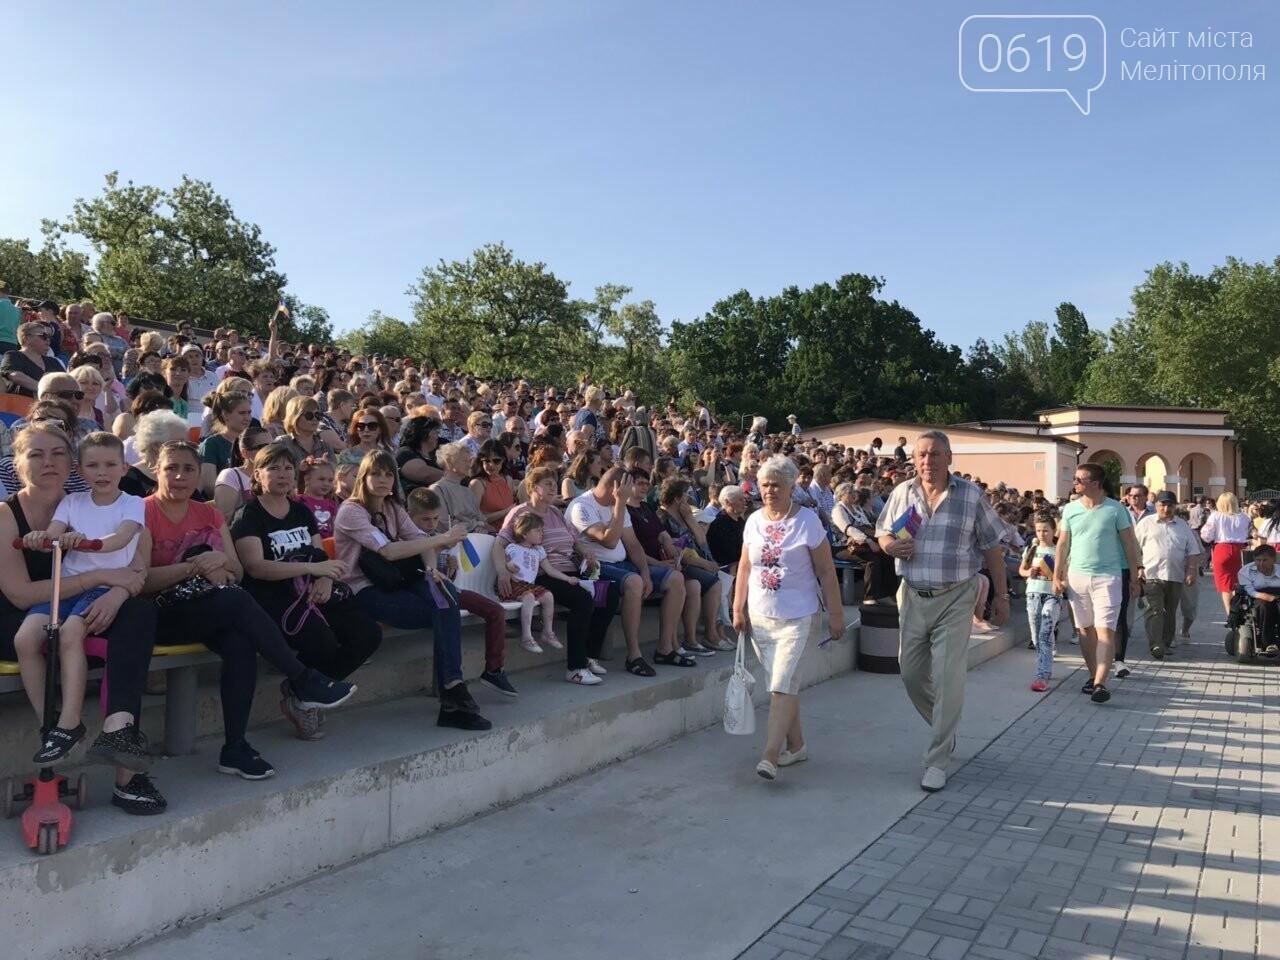 В Мелитополе прошел Всеукраинский фестиваль духовой и эстрадной музыки, фото-4